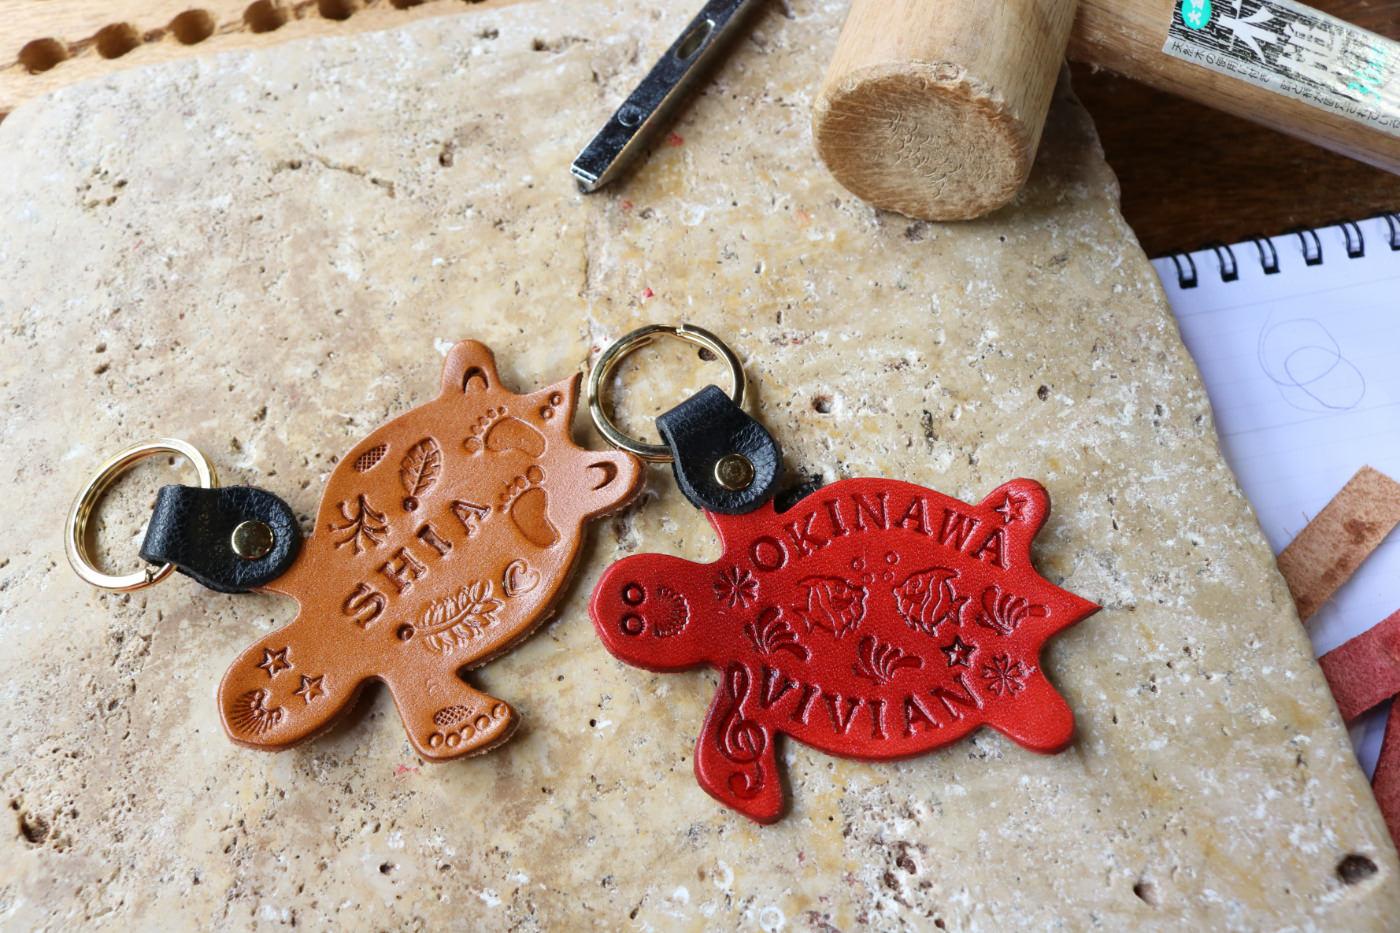 沖繩王國村皮革體驗鑰匙圈手鍊 親子同樂動手做快樂多